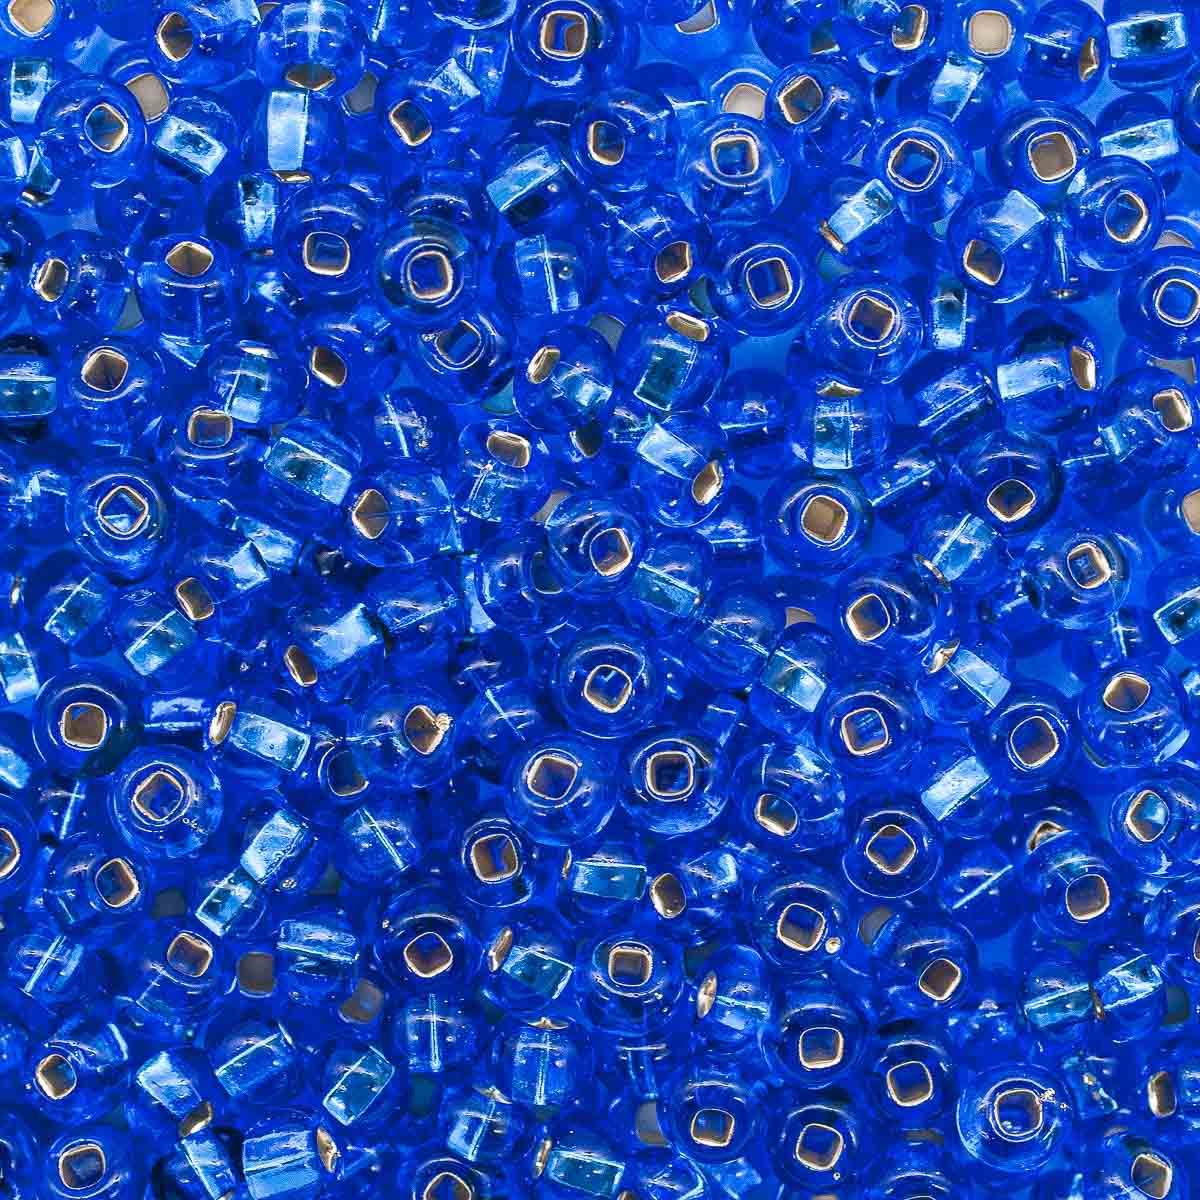 Бисер прозрачный с сереб. центр. 5/0 (37050), кв. отв., 50г Preciosa